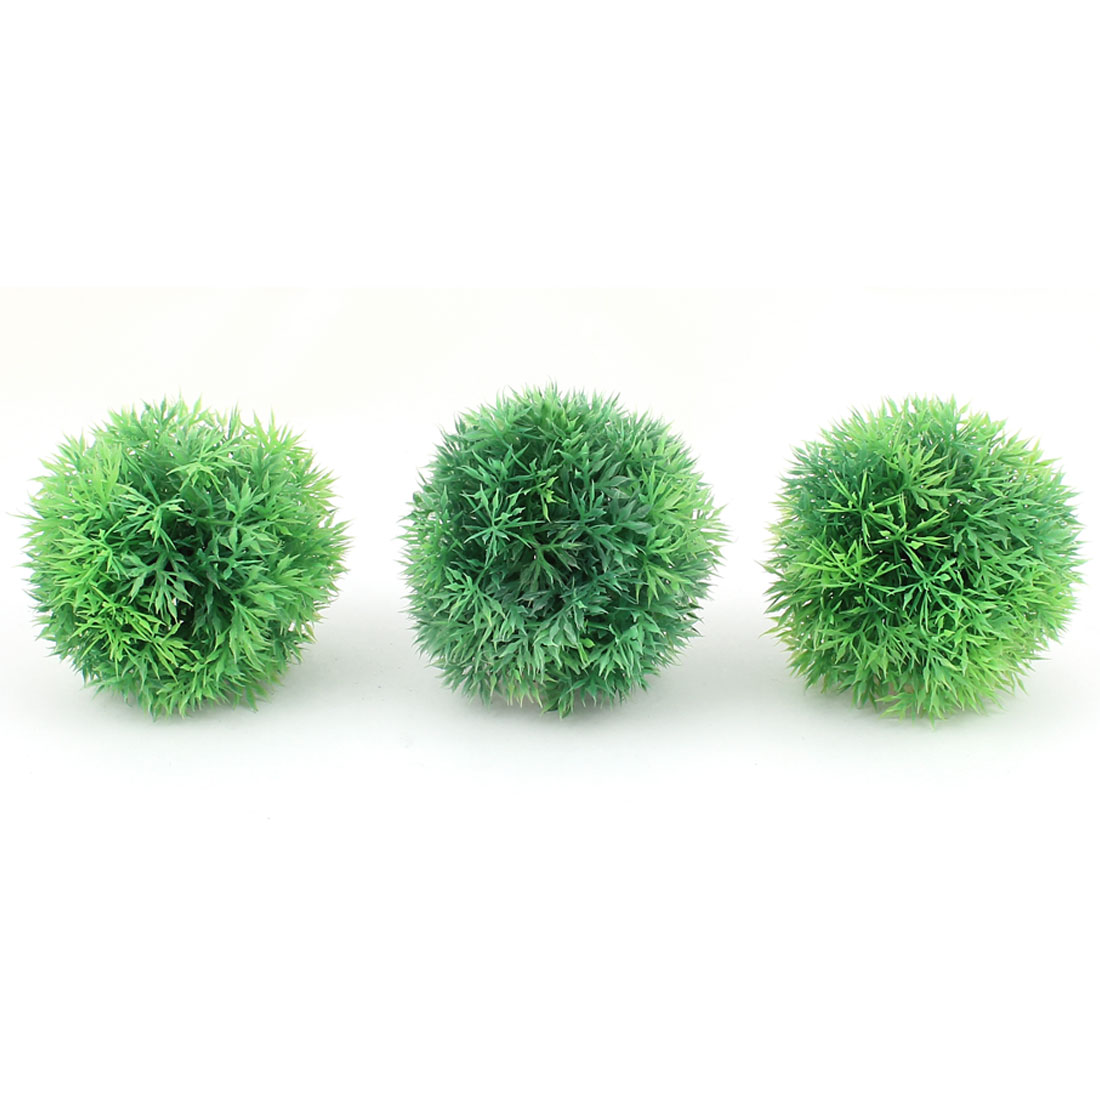 Plastic Leaf Grass Ball Design Aquatic Plant Fish Tank Aquarium Decor Green 3PCS